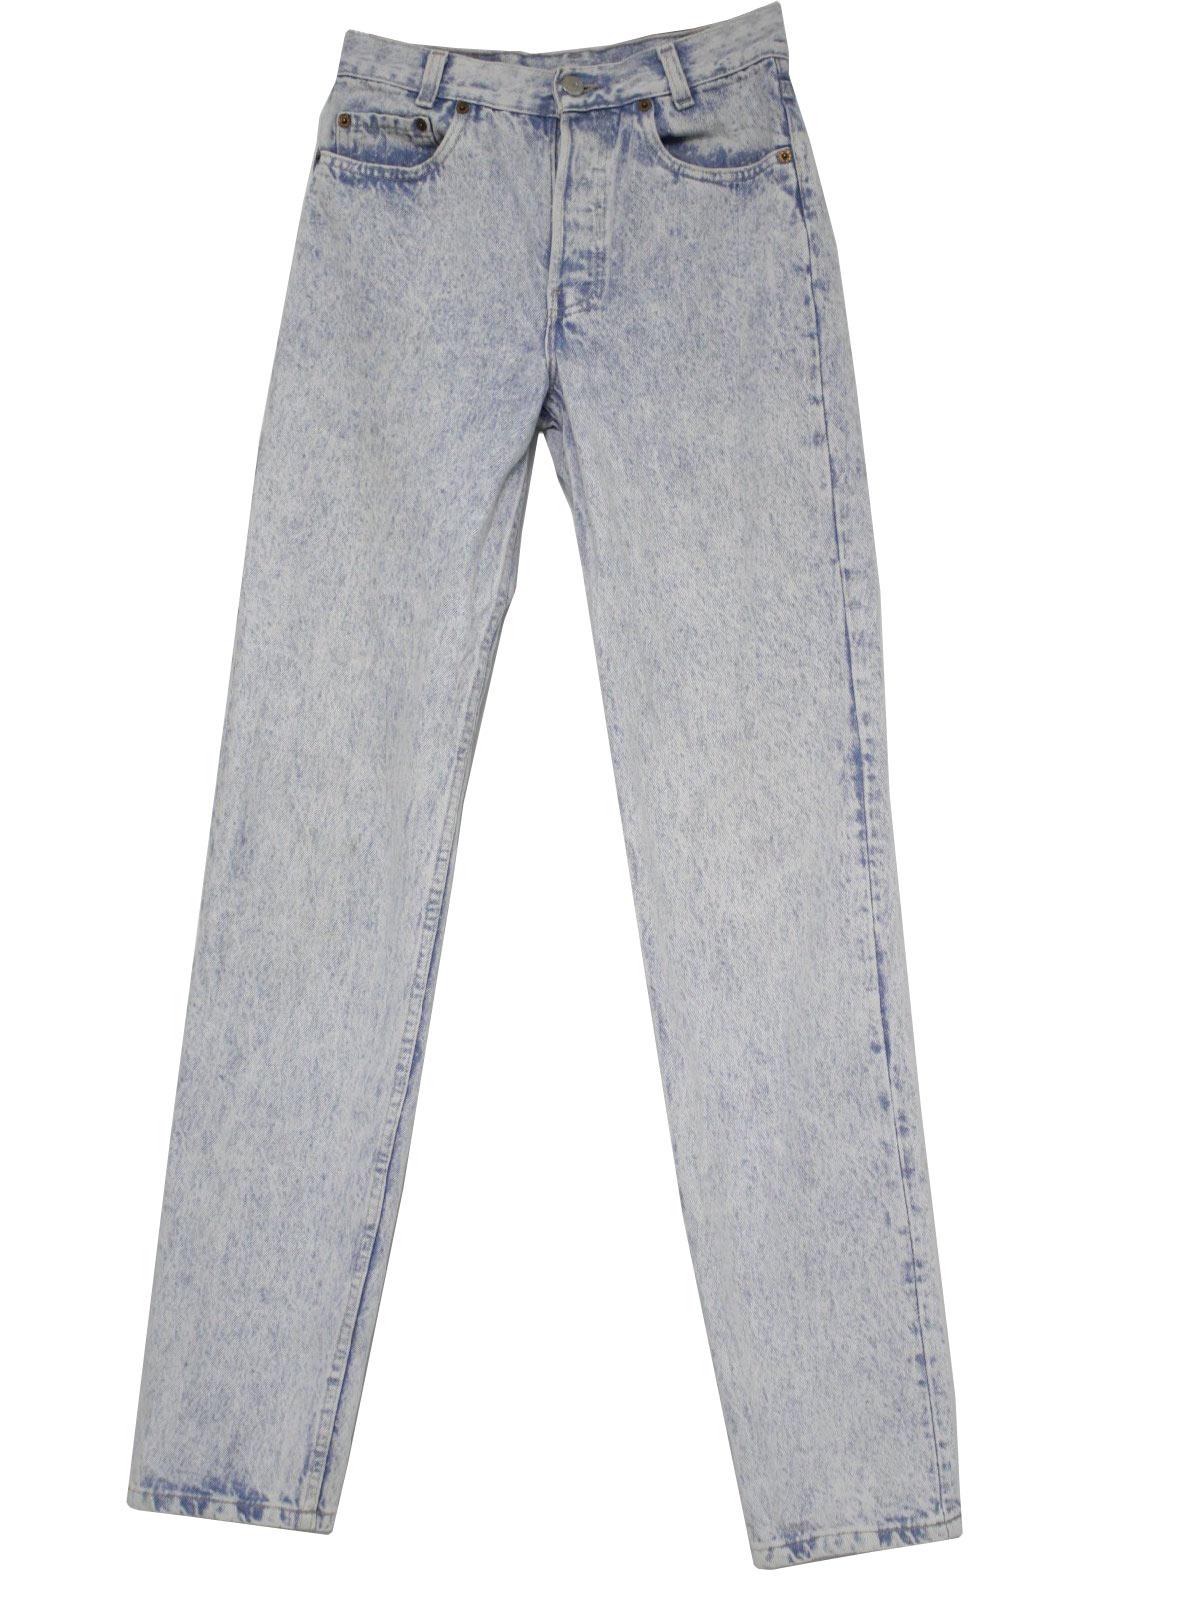 acid wash jeans mens images black denim jeans men the gq. Black Bedroom Furniture Sets. Home Design Ideas